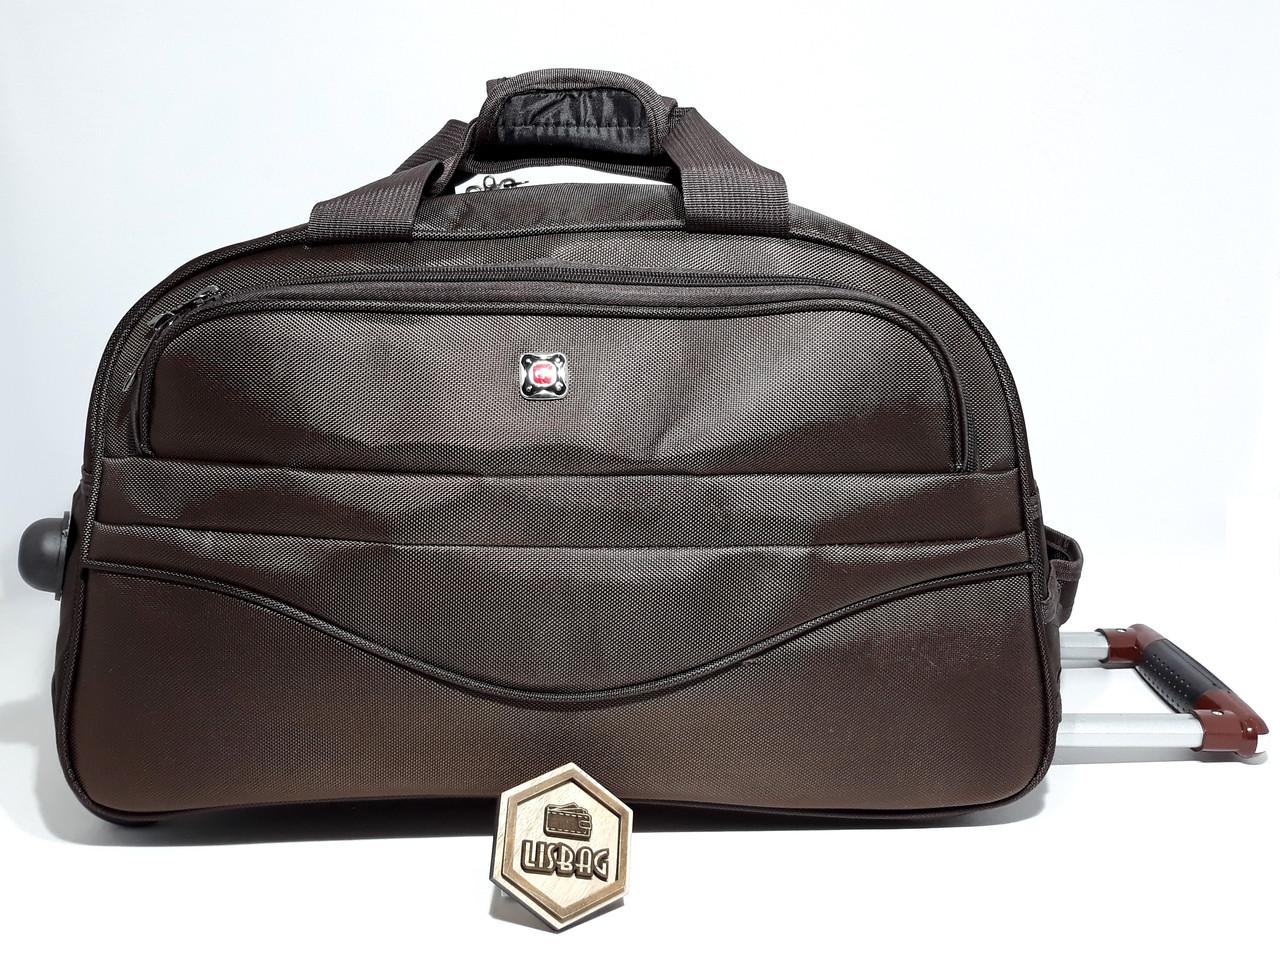 928b287f2a93 ... Большая Коричневая сумка на колесах XL (85 л) Черная (68*34* ...